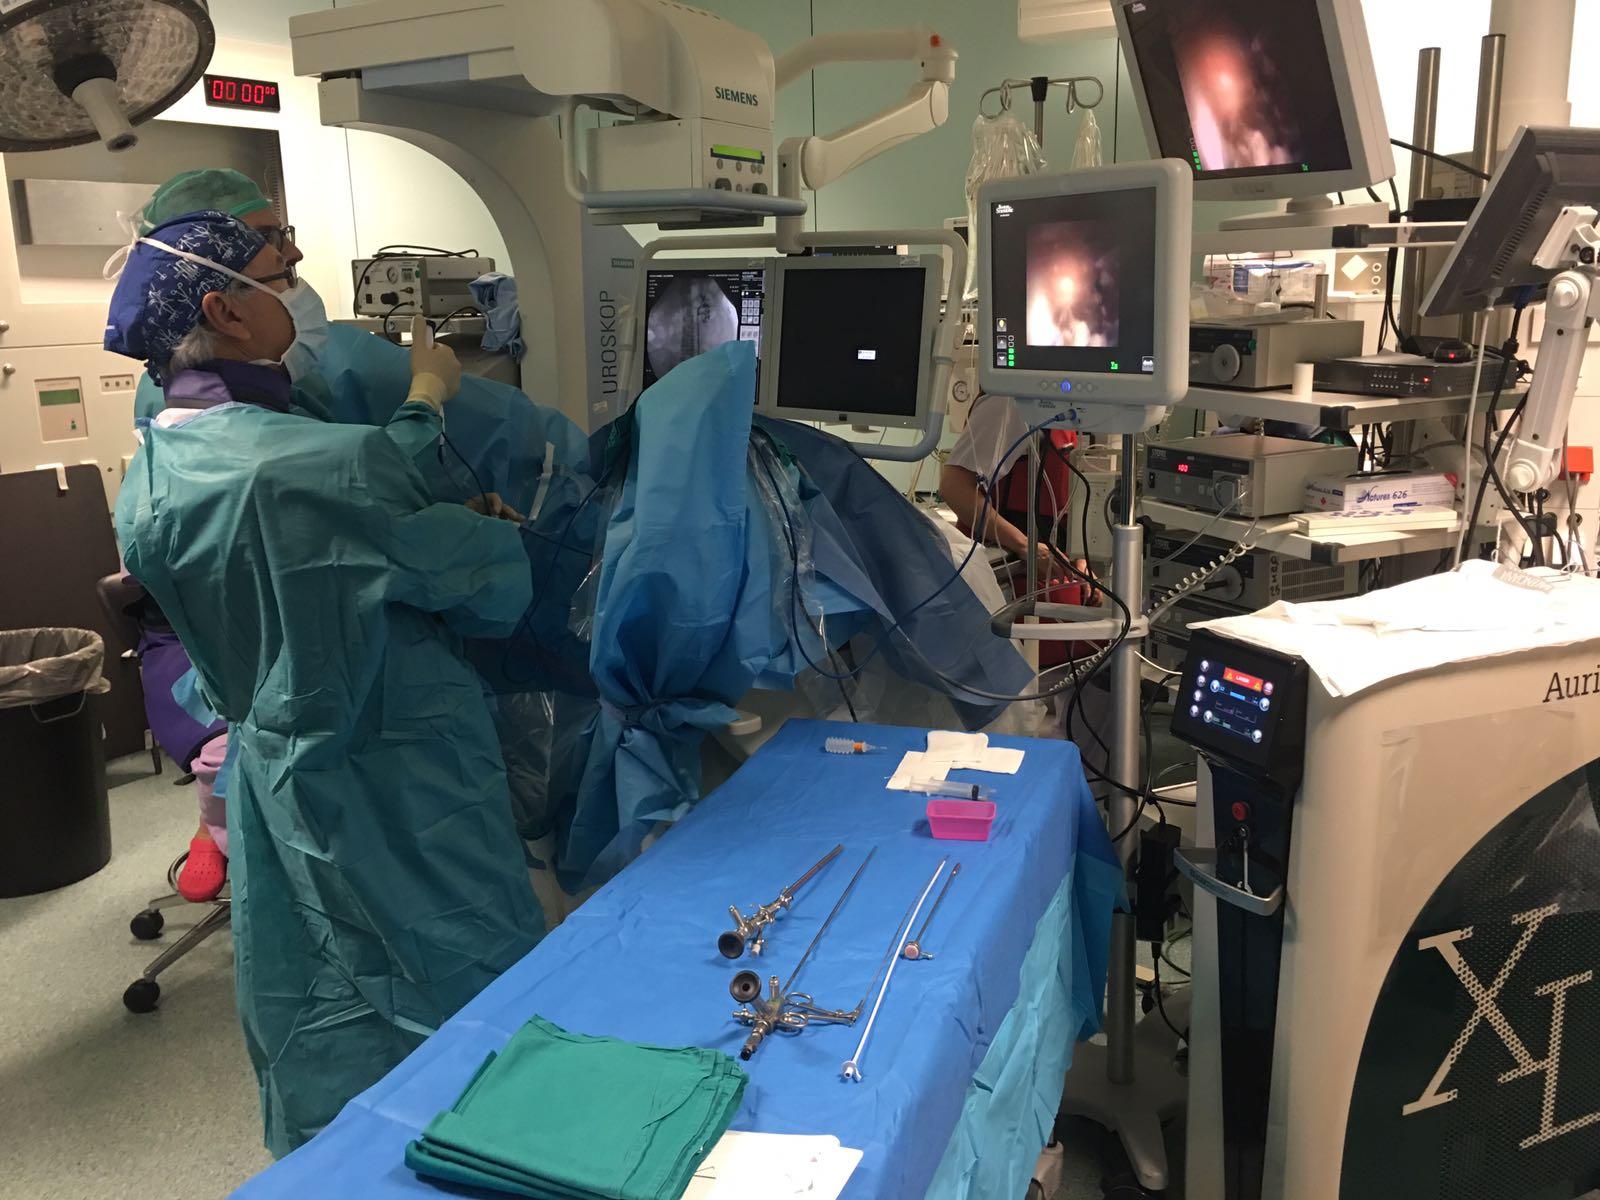 El Servicio de Urología de Requena atiende alrededor de 5.000 consultas al año y realiza un total de 200 intervenciones quirúrgicas.